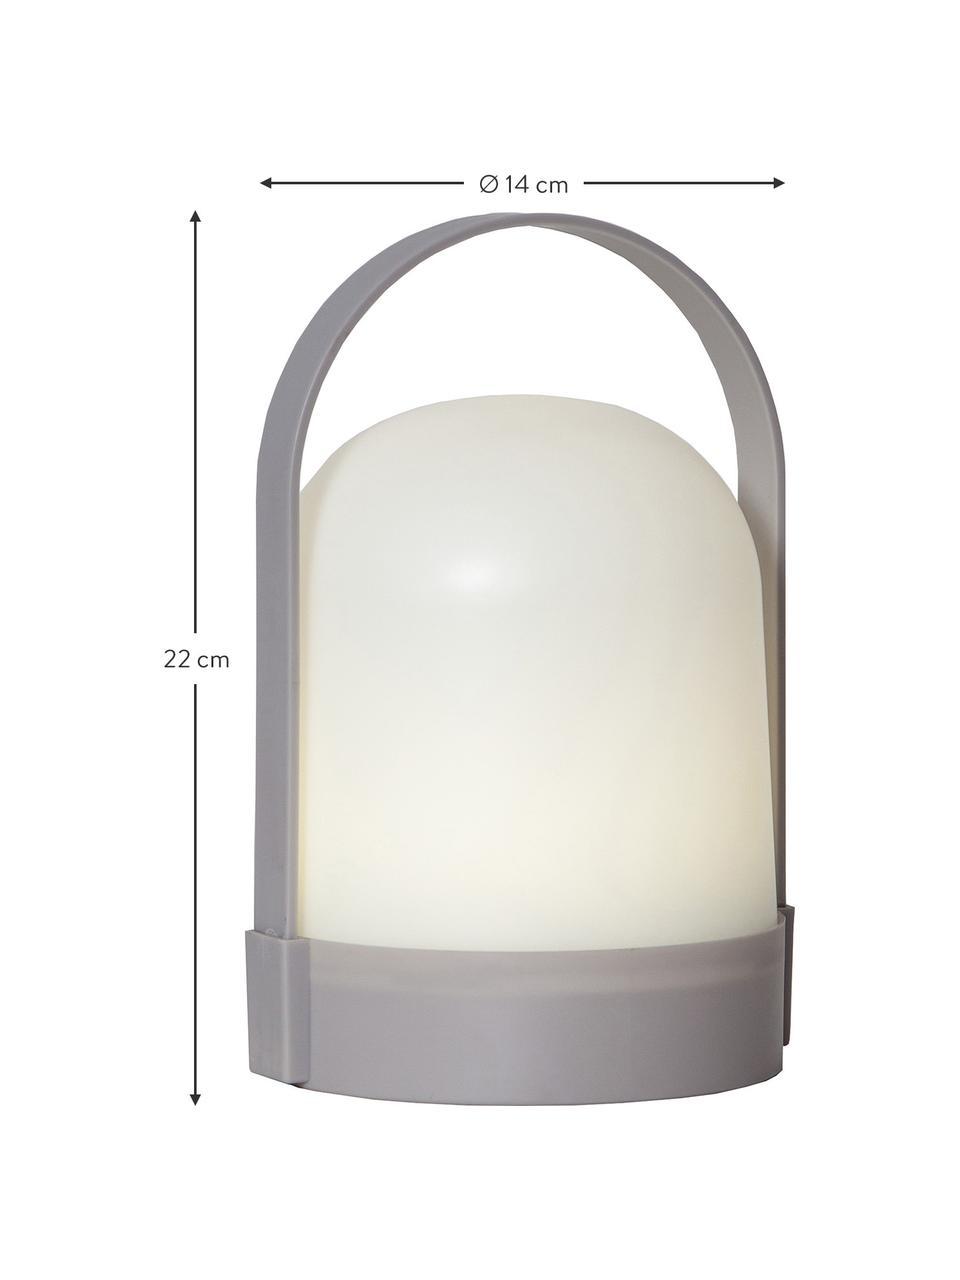 Přenosná venkovní stolní lampa s časovačem Lette, Bílá, šedá